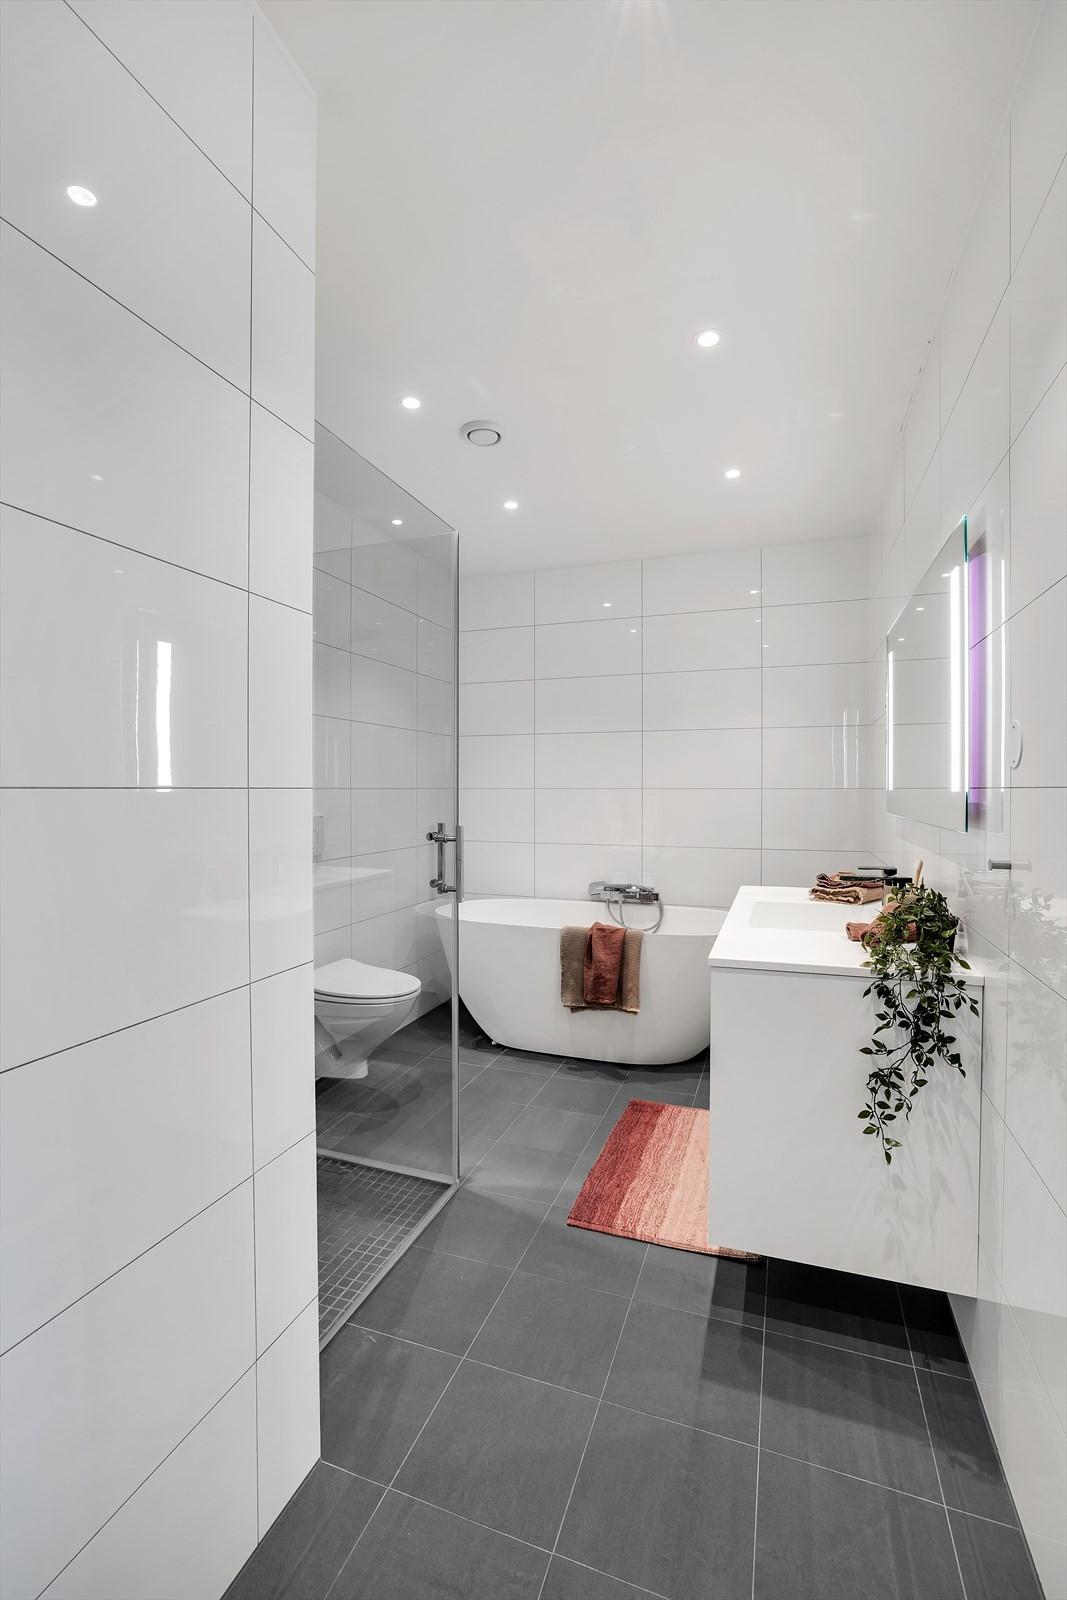 Bad i den midterste etasjen. Komplett flislagt og fine materialer.